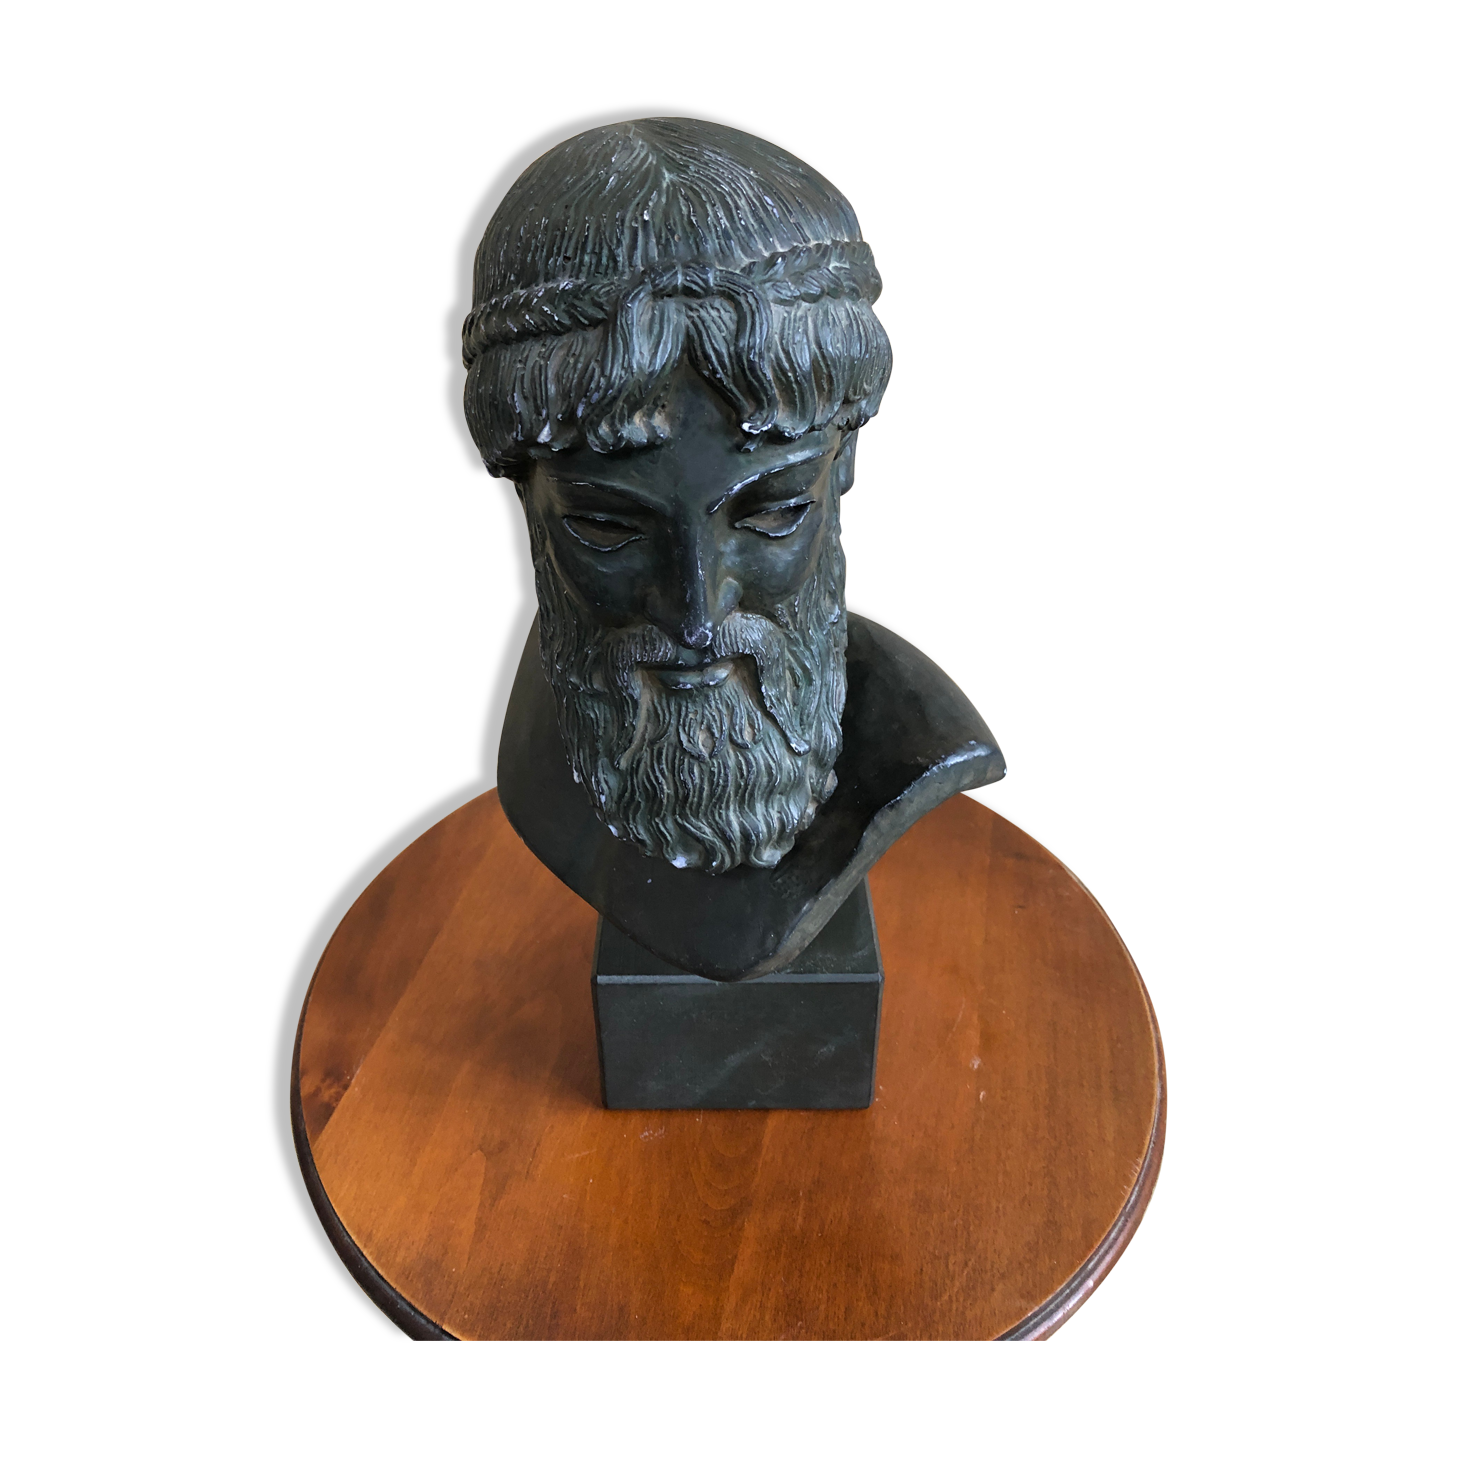 Ancien buste dieu poséidon plâtre patine bronze + socle bois décoration vintage